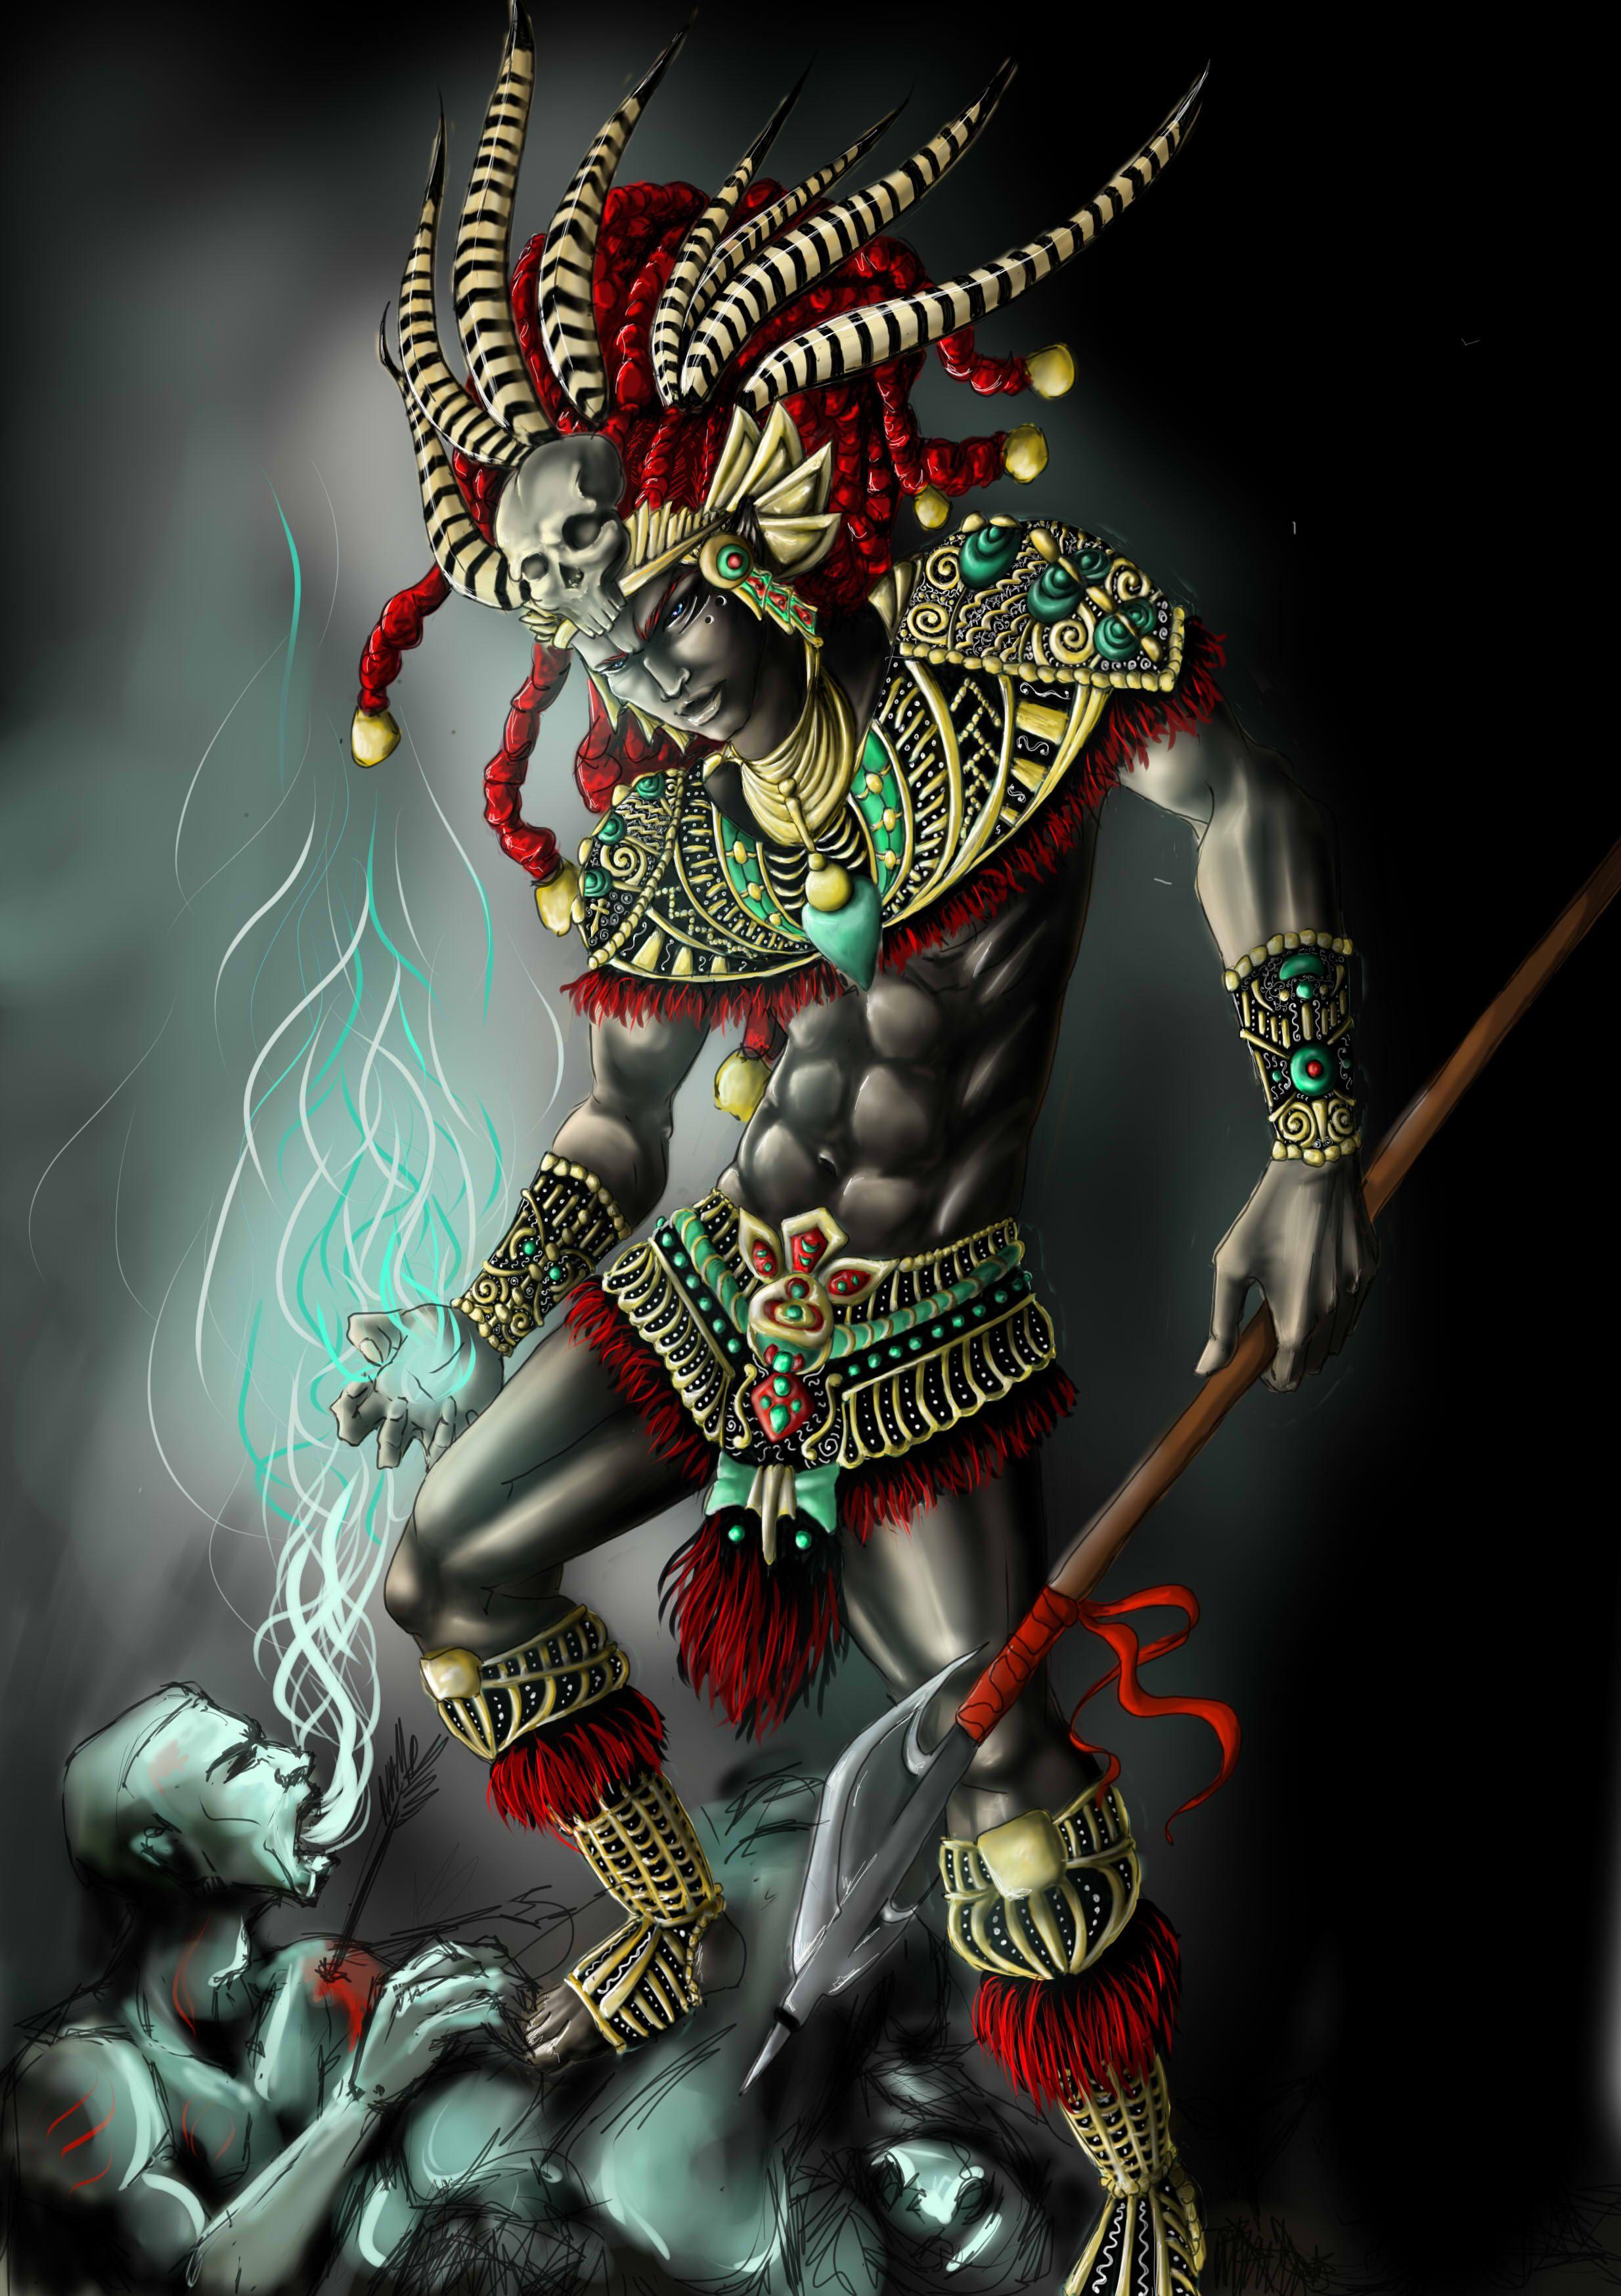 Aztec oltinni royxatdan otkazmasdan bepul